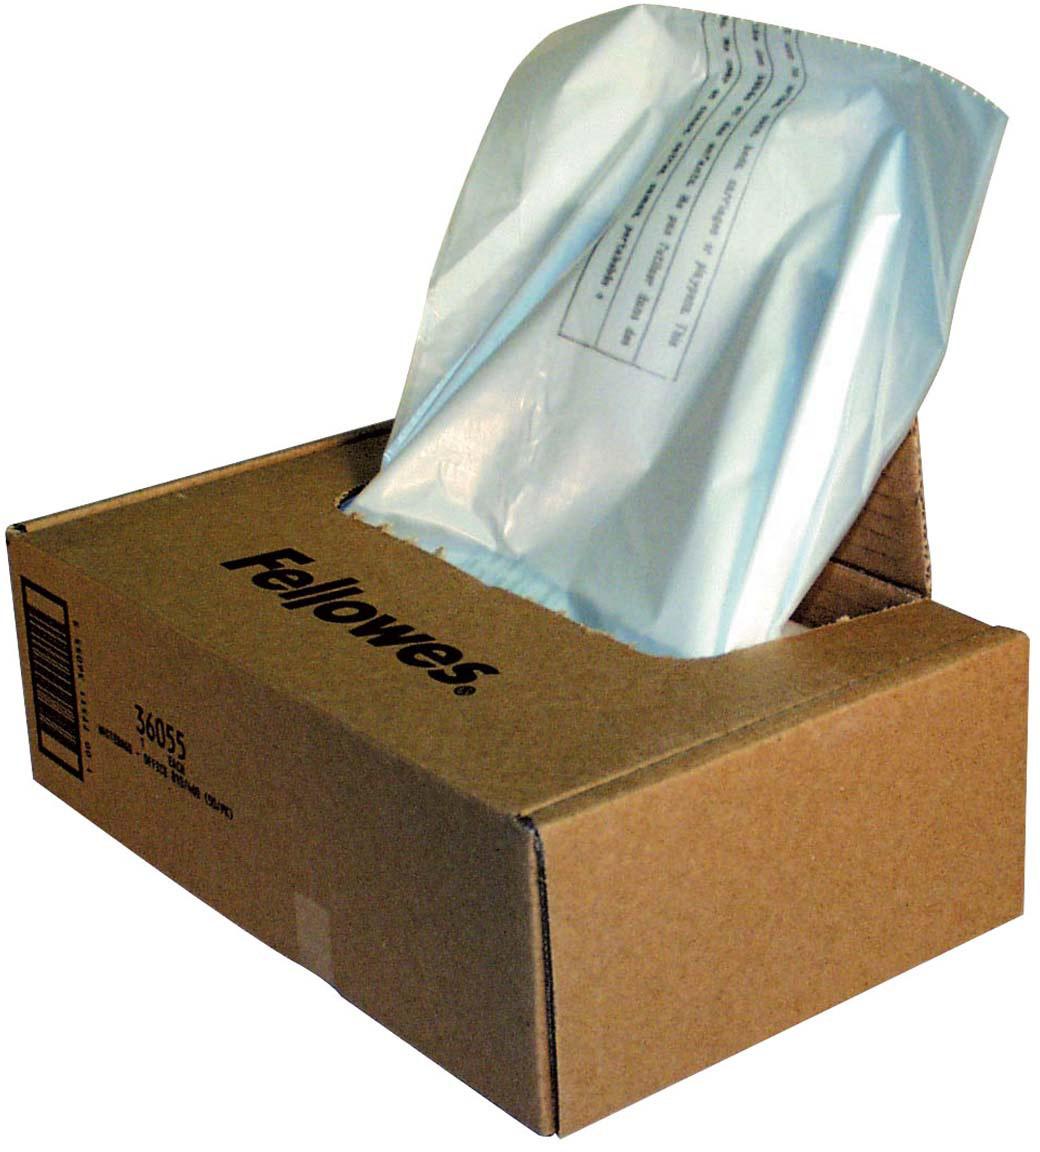 Fellowes мешки для уничтожителей, 165 литров (50 шт) -  Офисные принадлежности